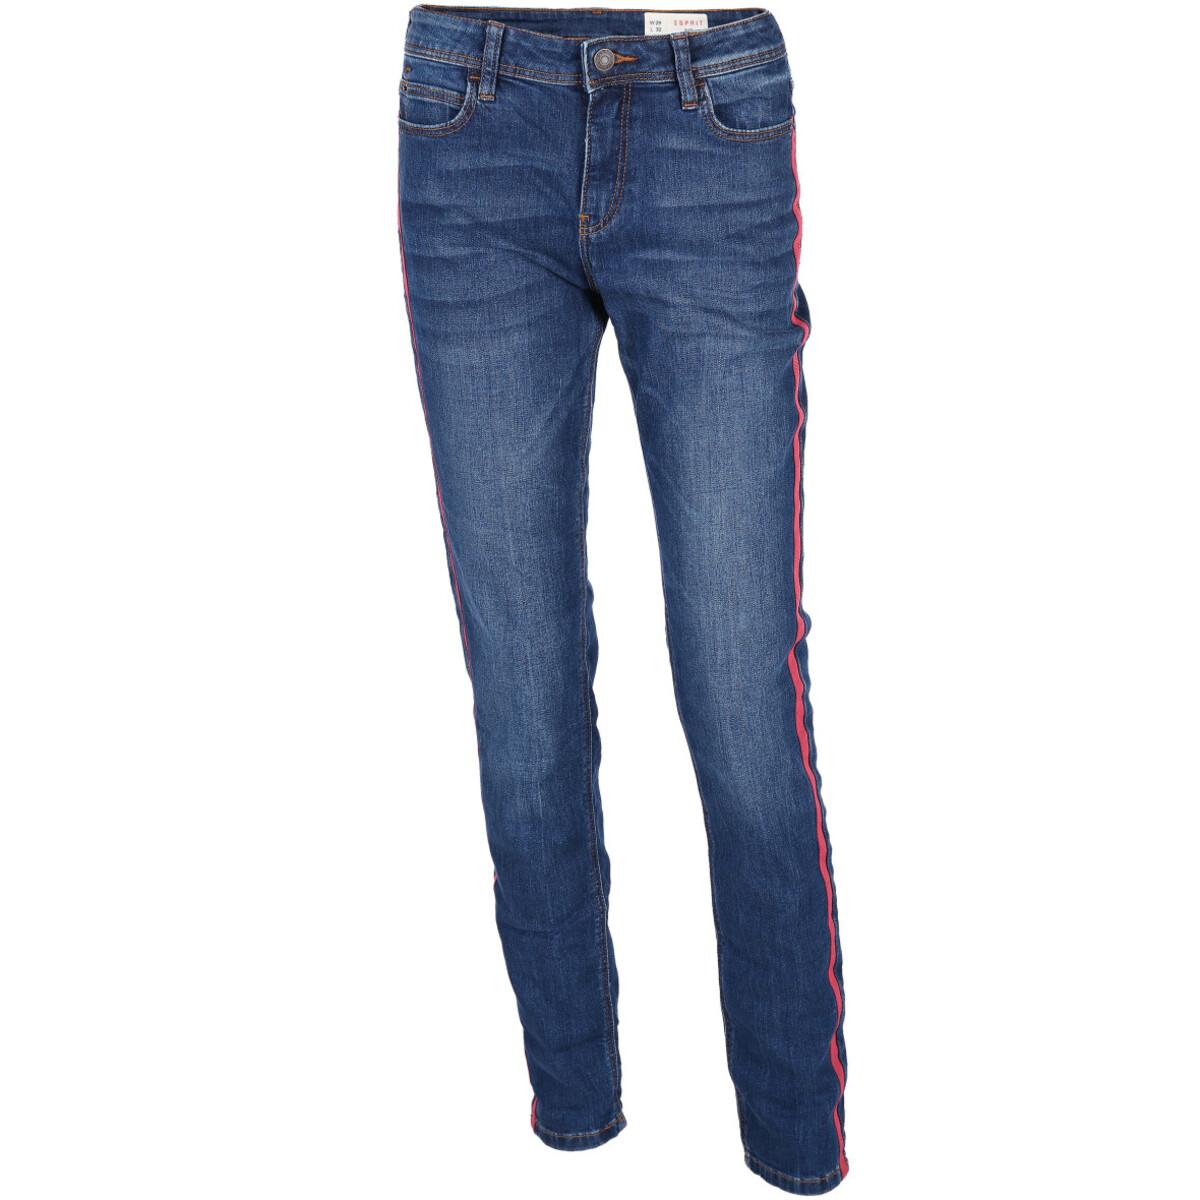 Bild 1 von Damen Jeans mit Galonstreifen